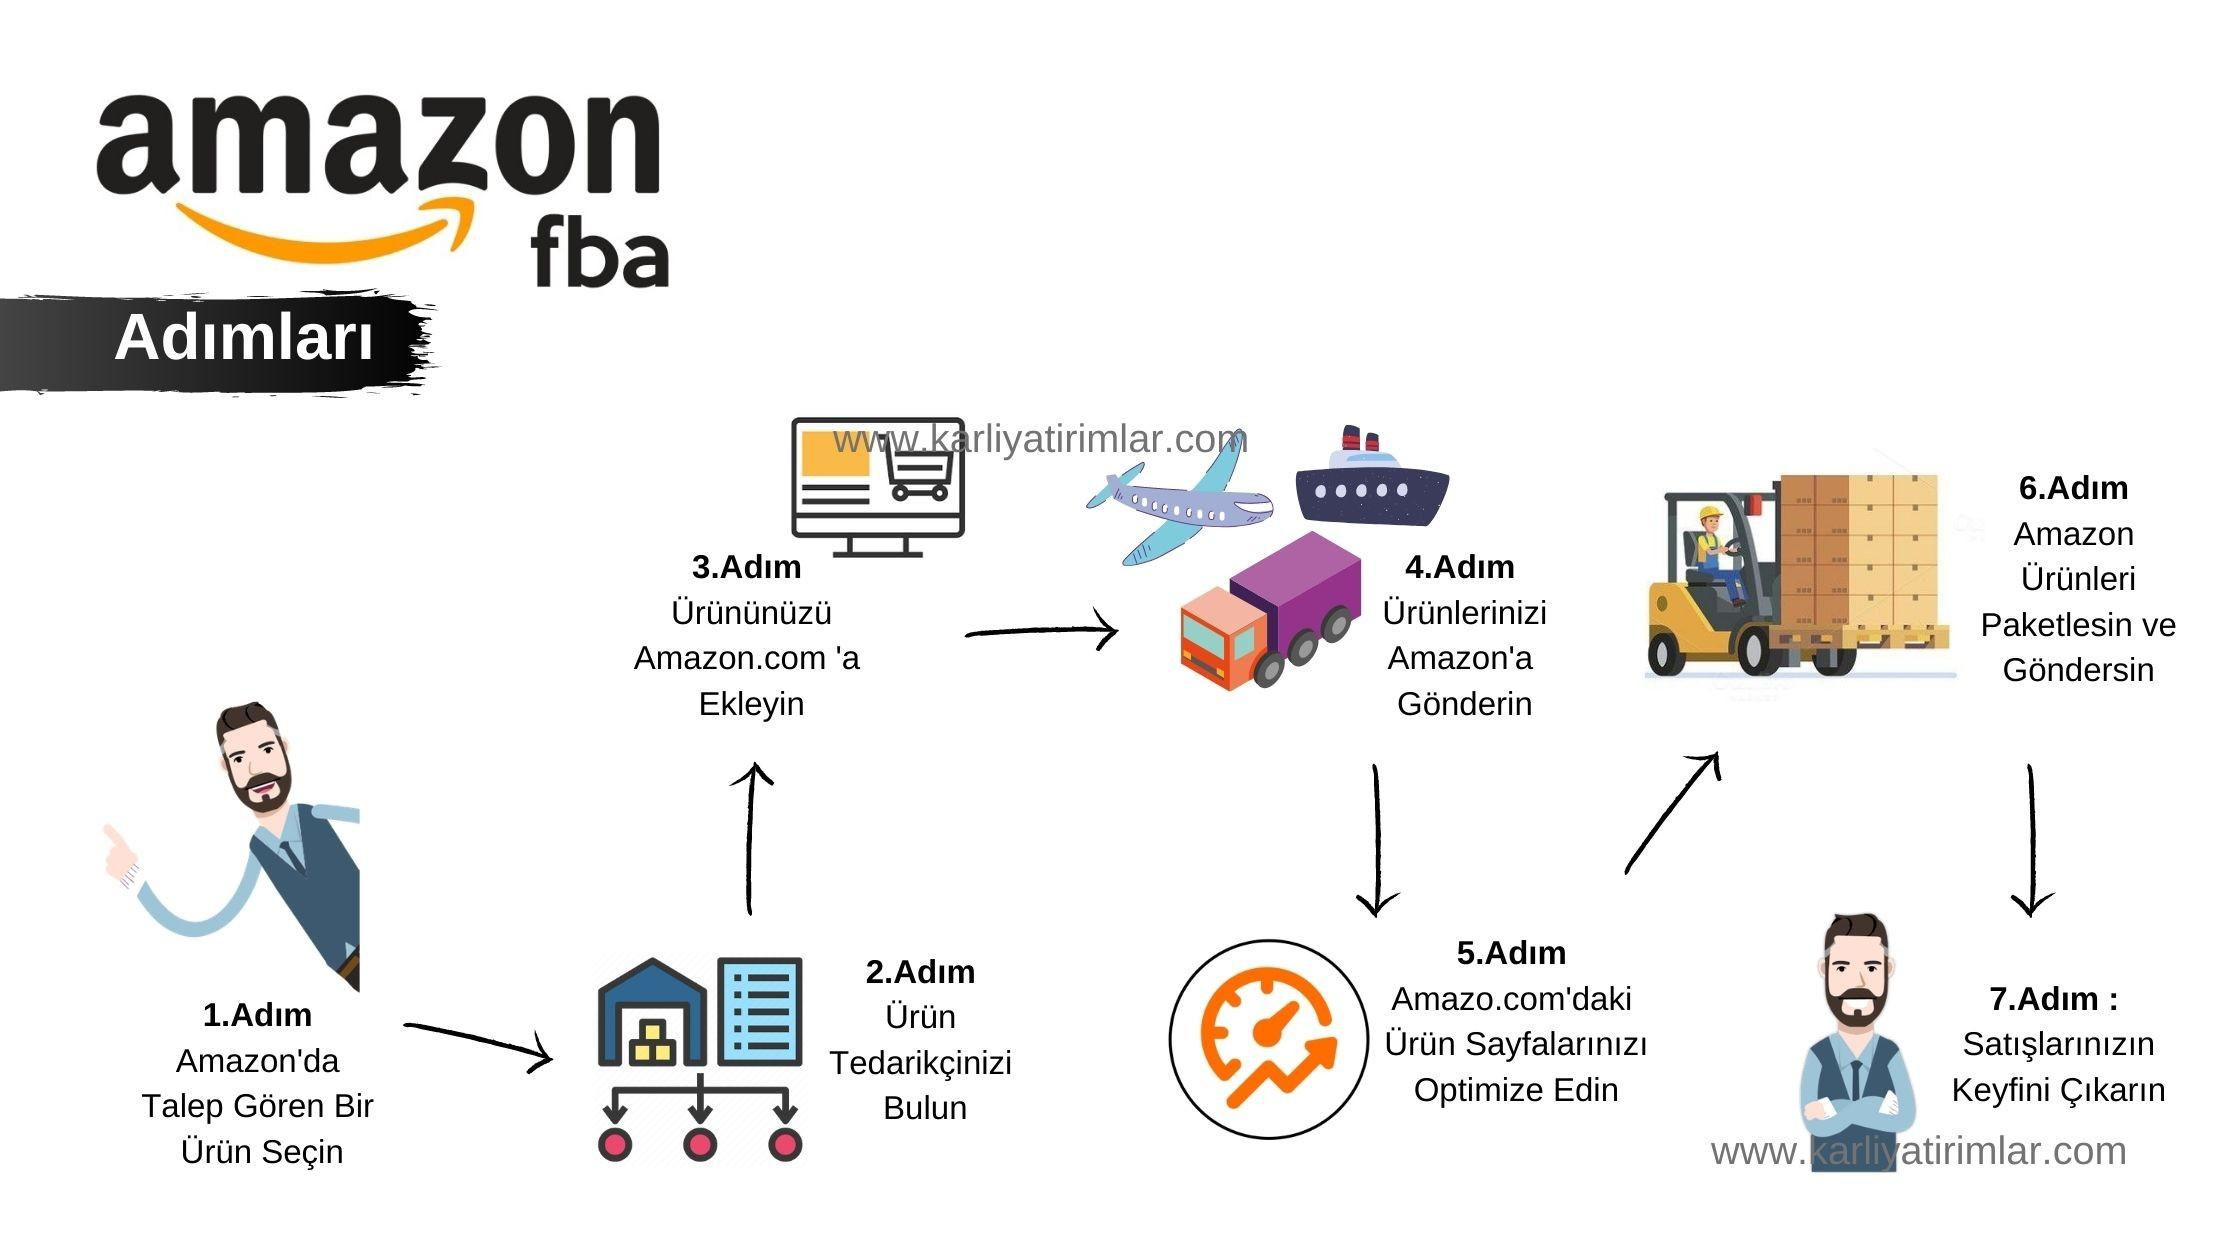 Amazon-FBA-Adimlari-karliyatirimlar.com